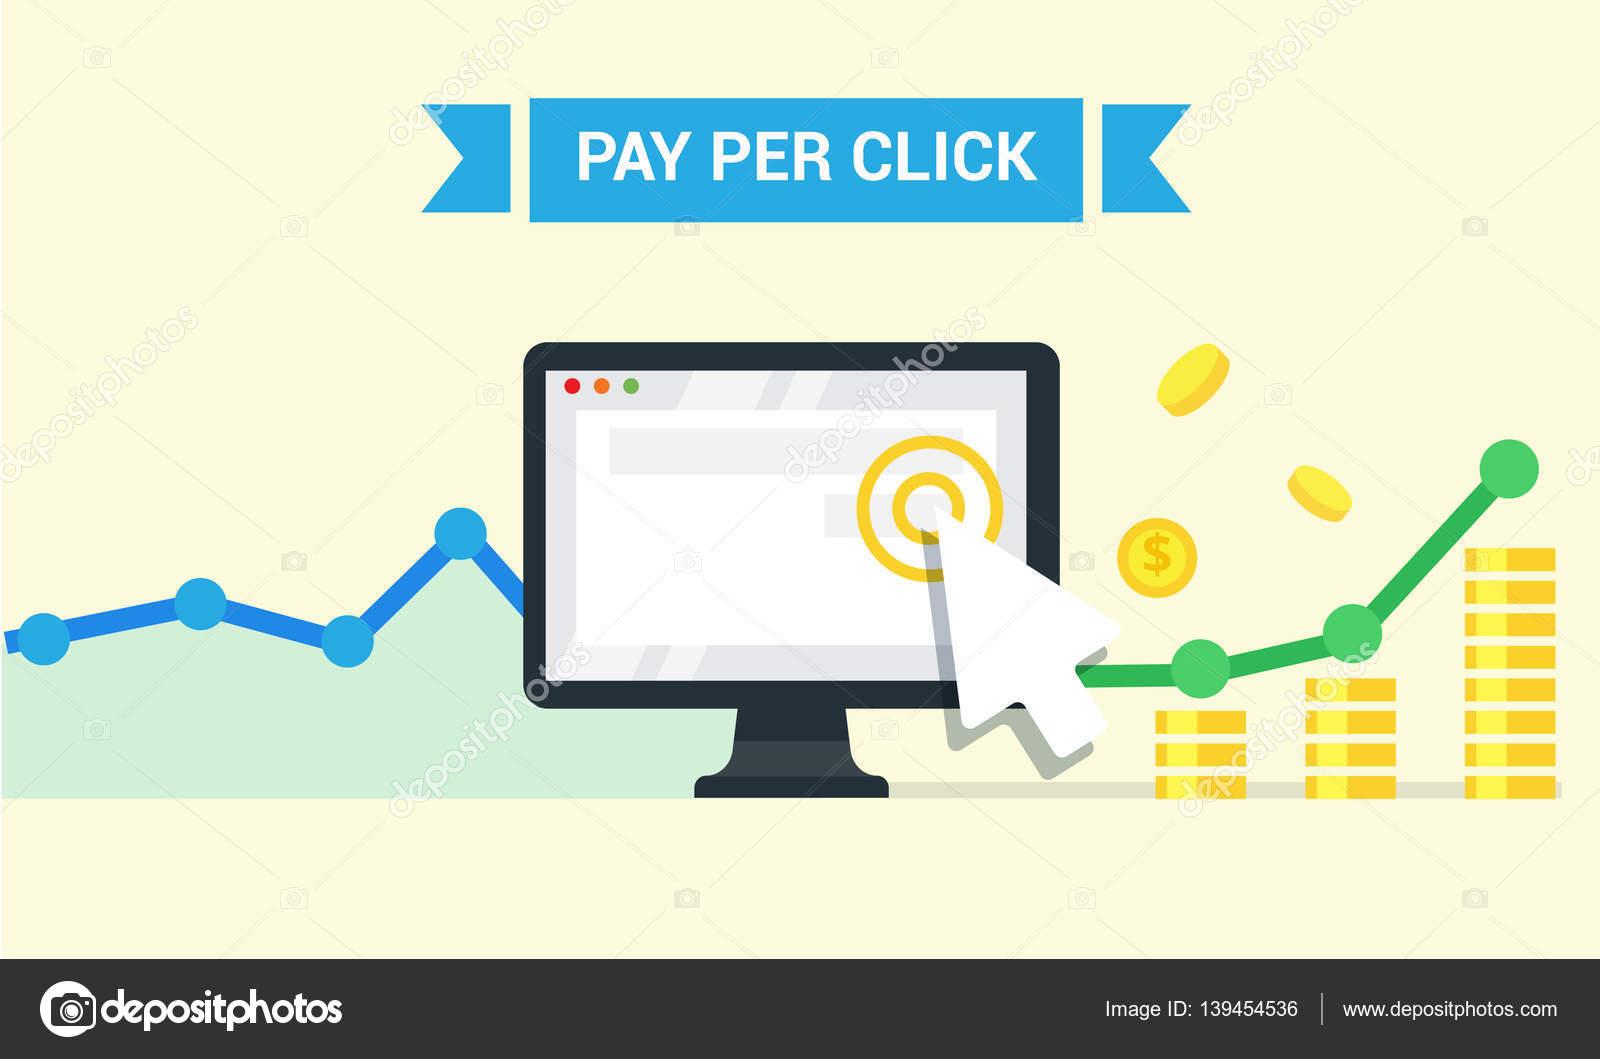 Современная интернет реклама товару или услуге посторонняя реклама на таких сайтах не присутствует